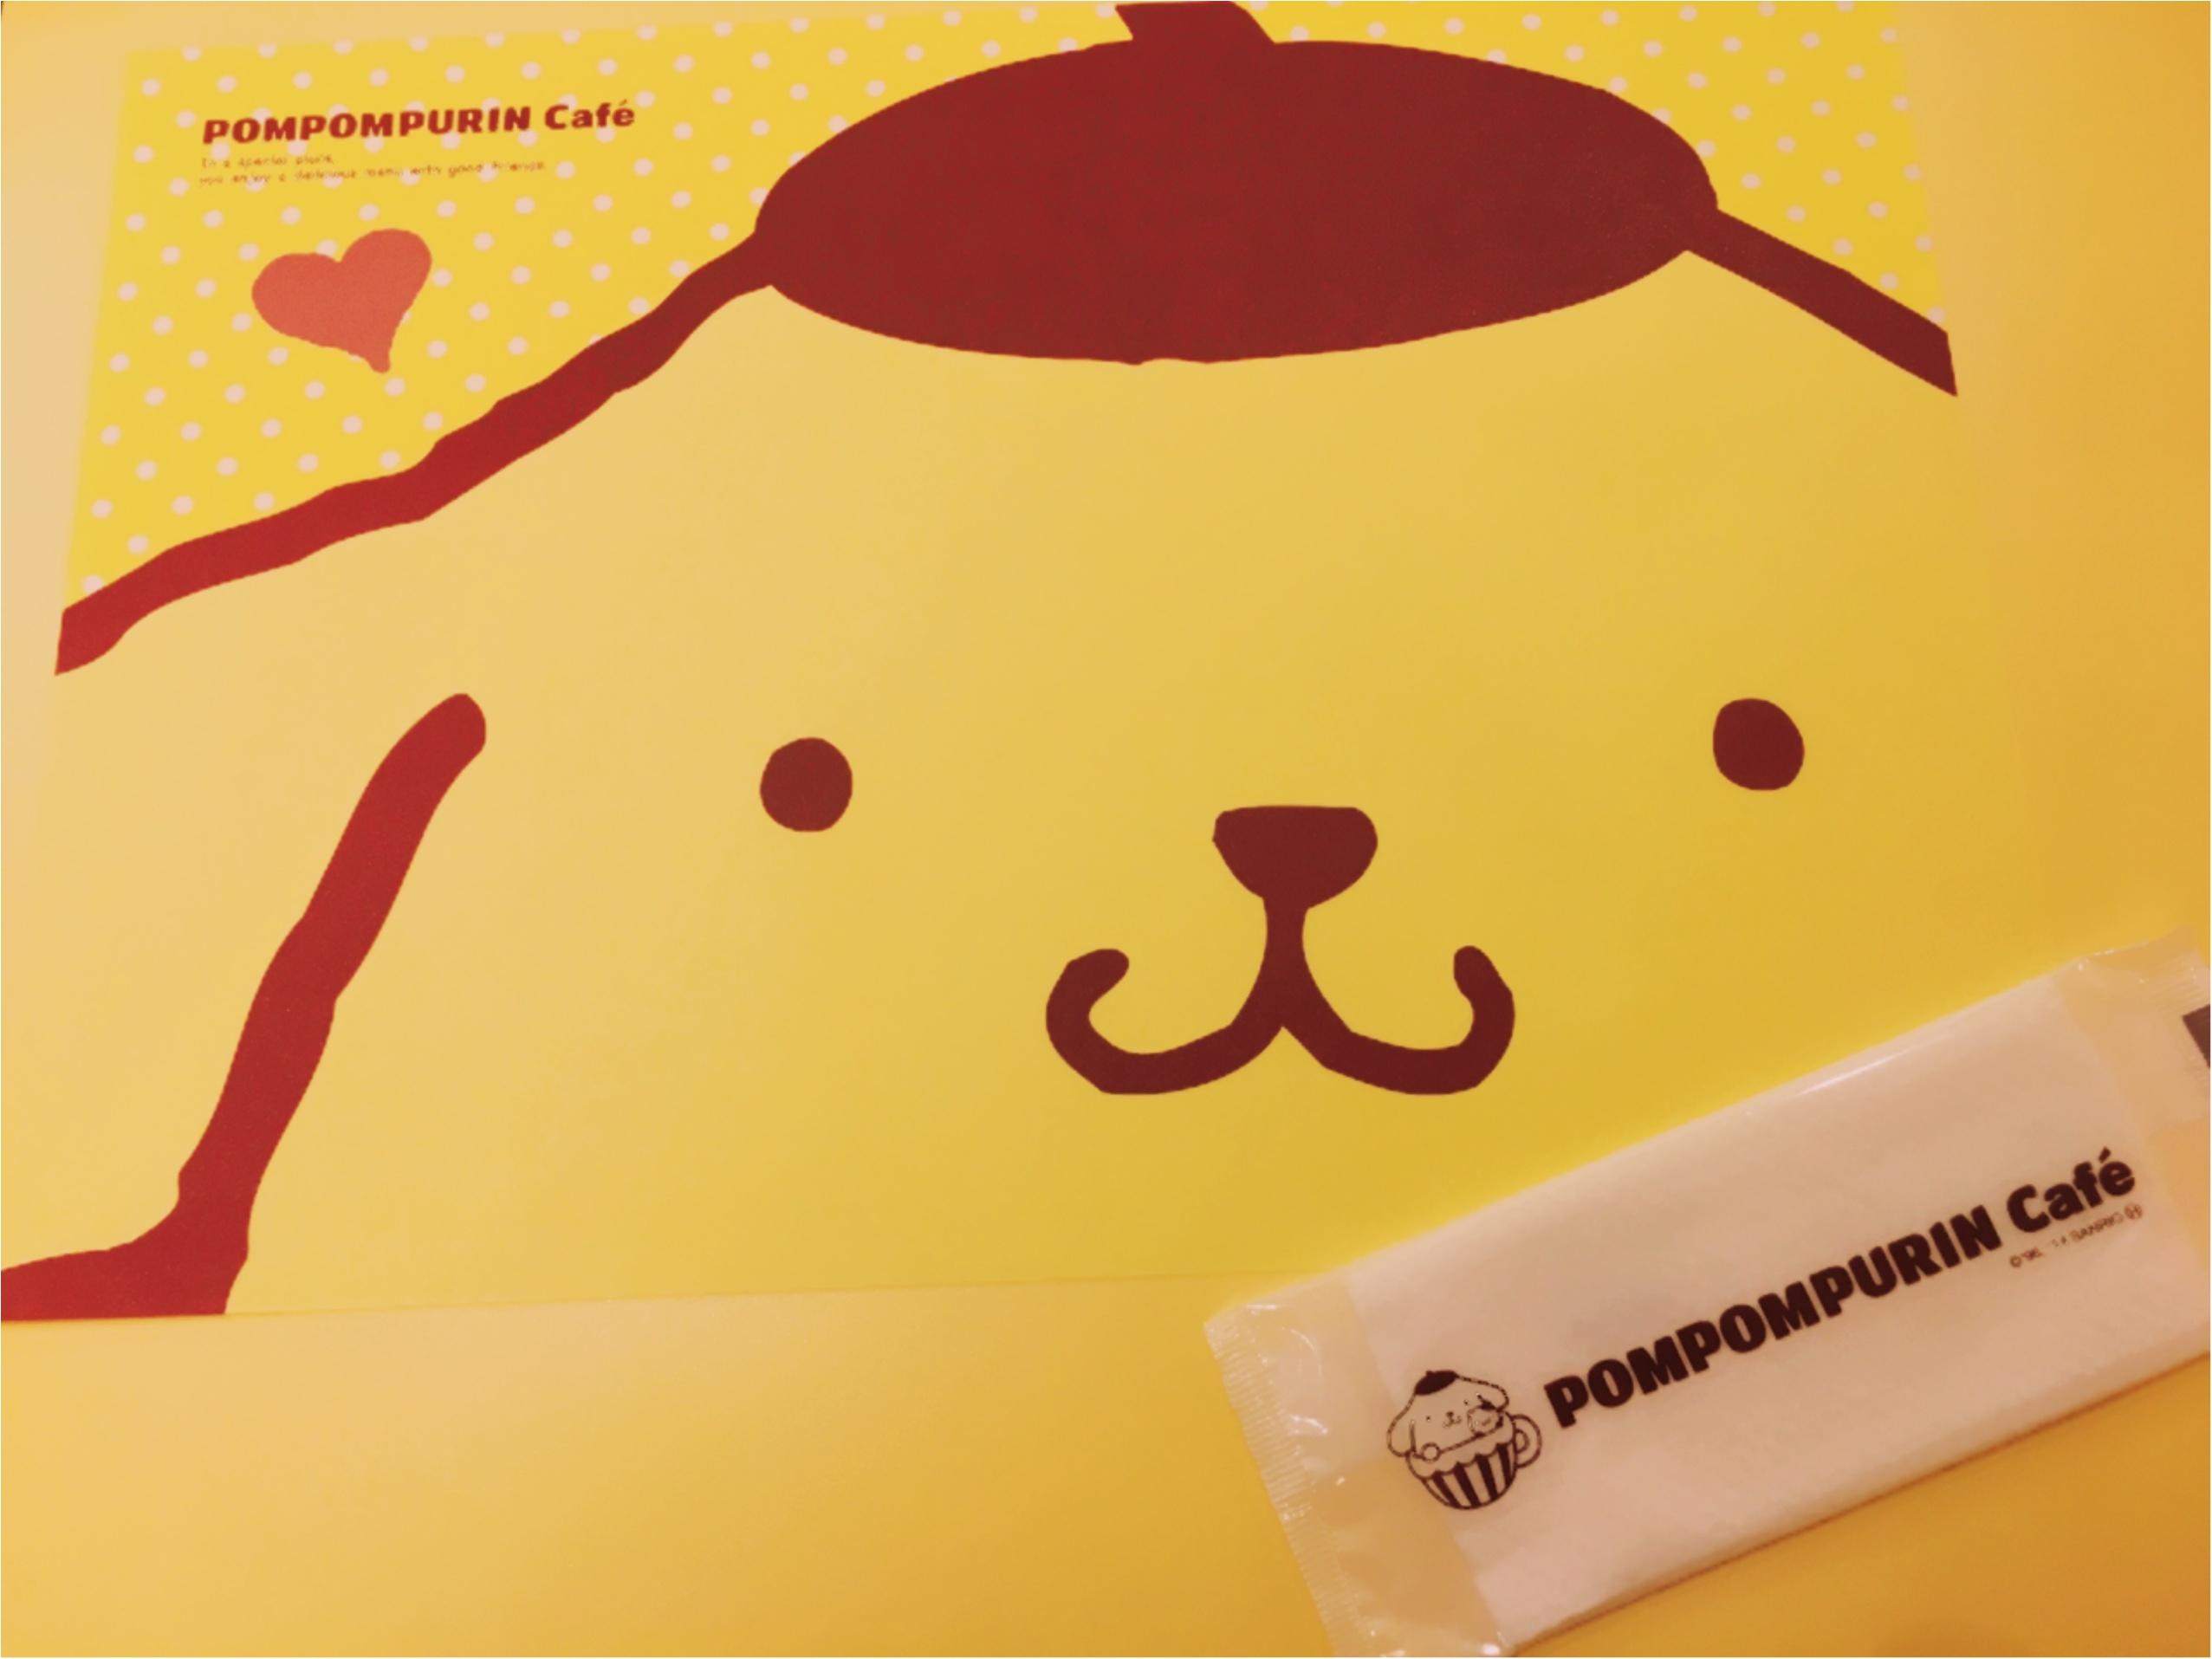 メニューリニューアル!かわいいかわいいポムポムプリンカフェに行ってきた♡♡_2